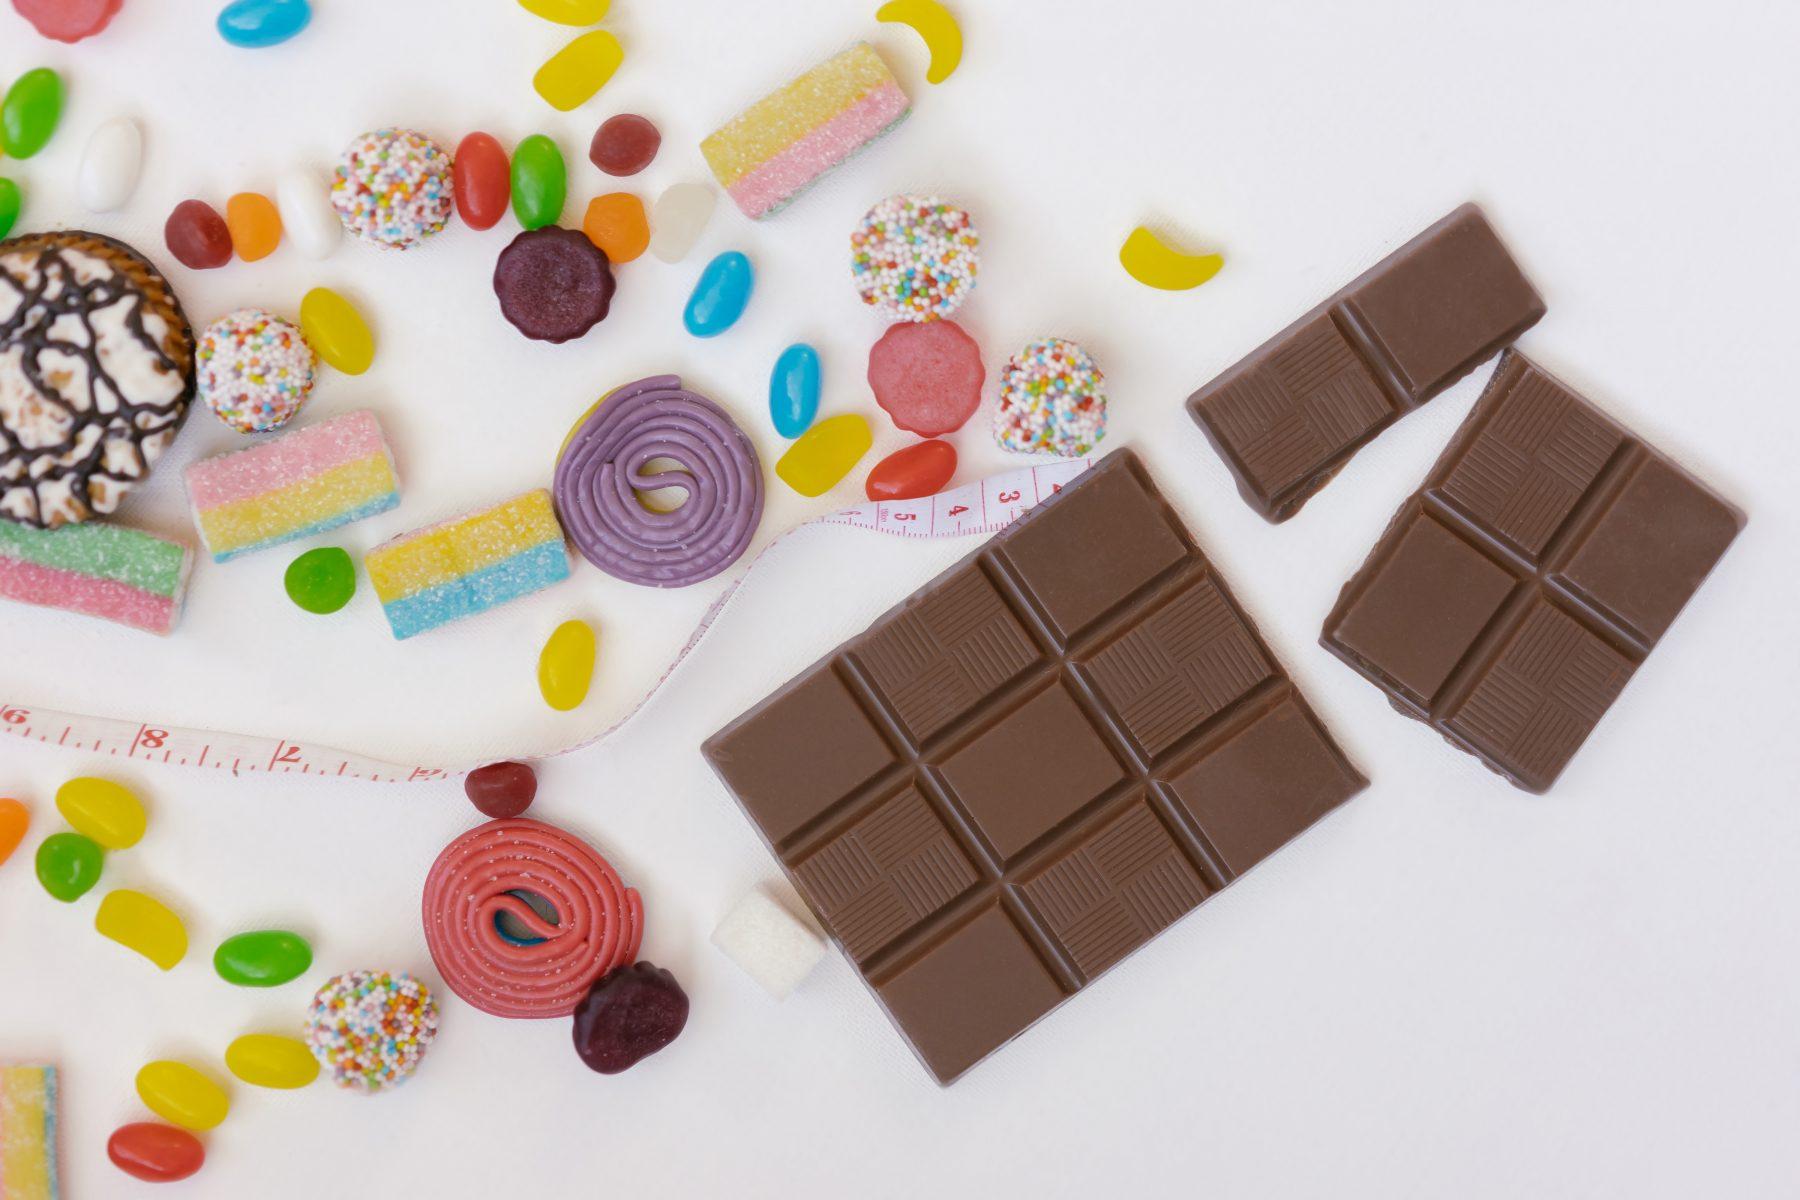 Bunte Süßigkeiten, Maßband und Schokoriegel mit weißem Hintergrund.